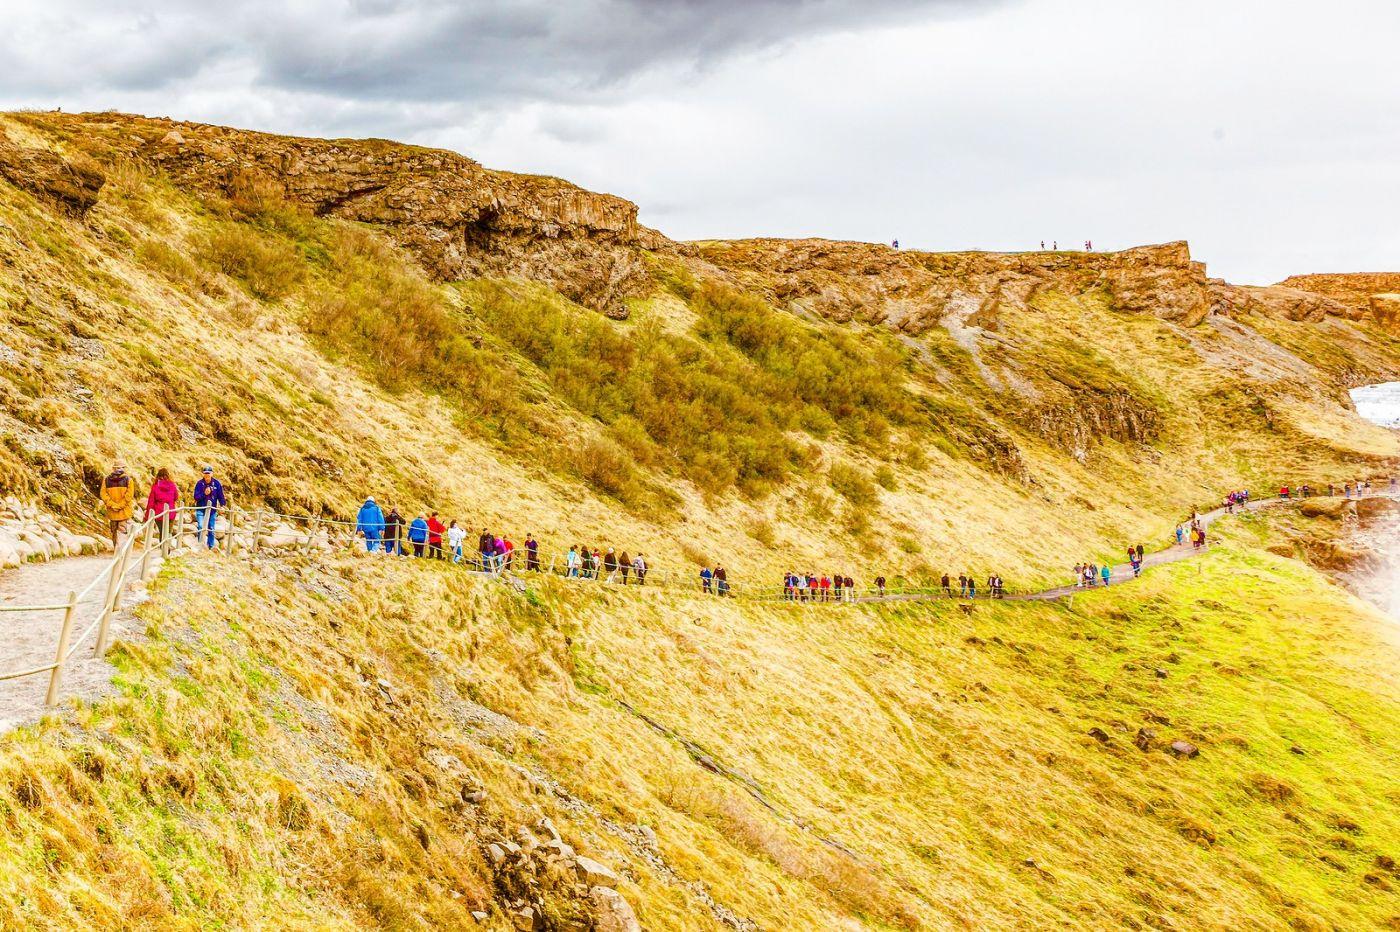 冰岛古佛斯瀑布(Gullfoss),气势磅礴_图1-12